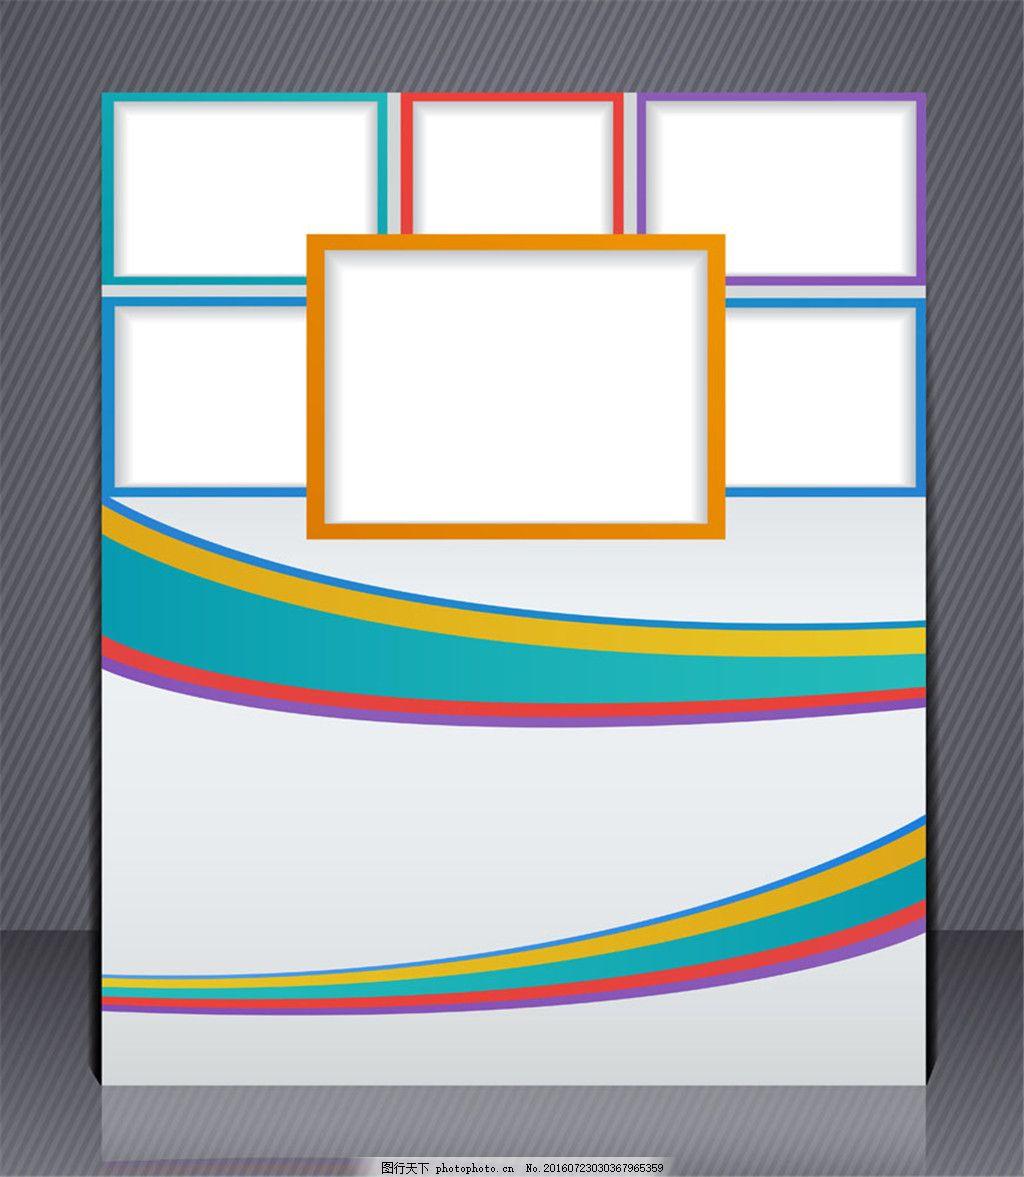 创意方框背景 梦幻宣传单设计模板 三角形背景 宣传单模板 创意传单